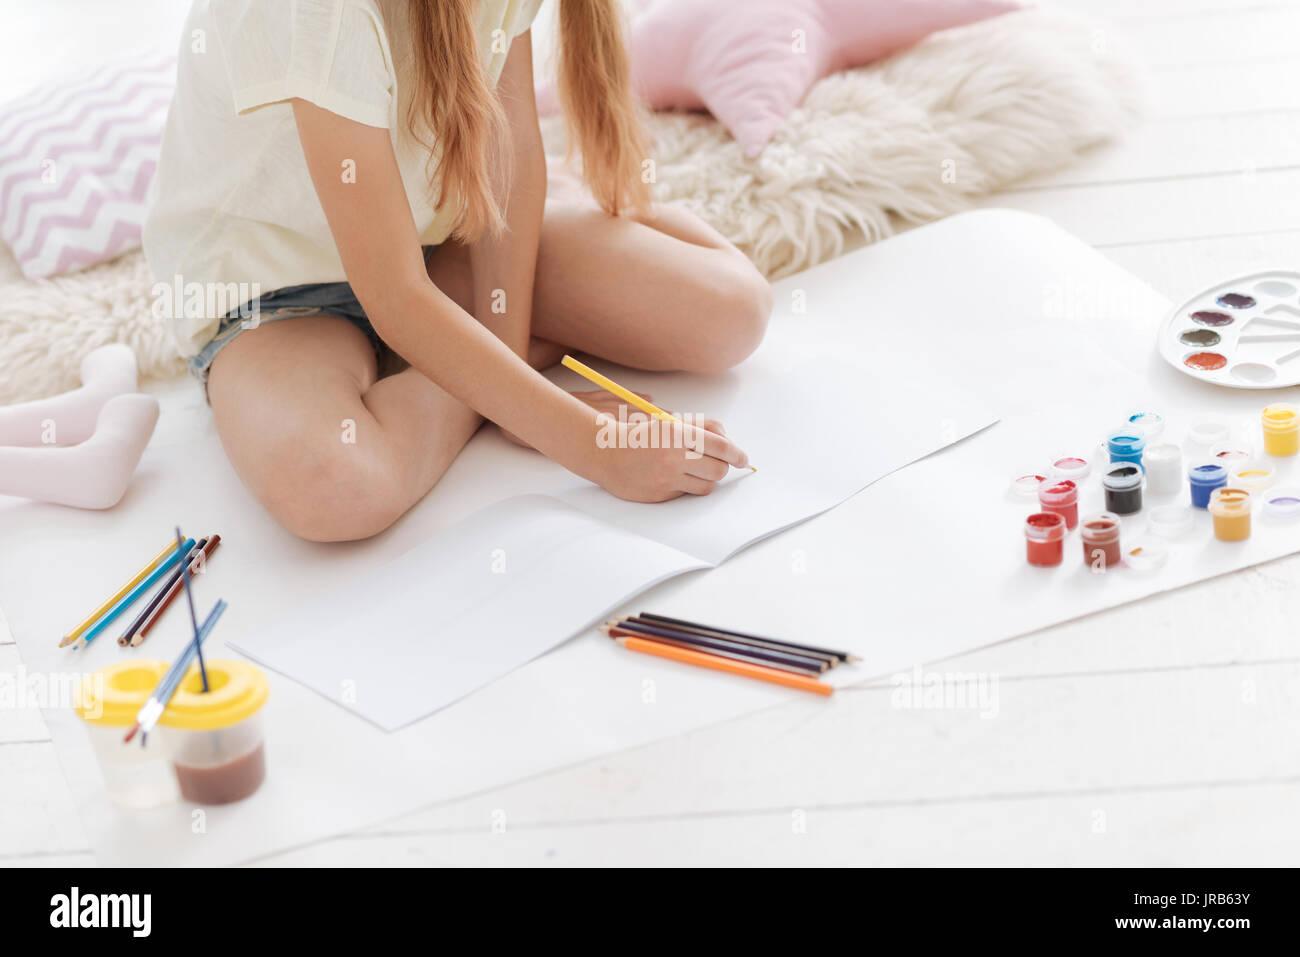 In der Nähe von Mädchen zeichnen mit bleistift Stockbild